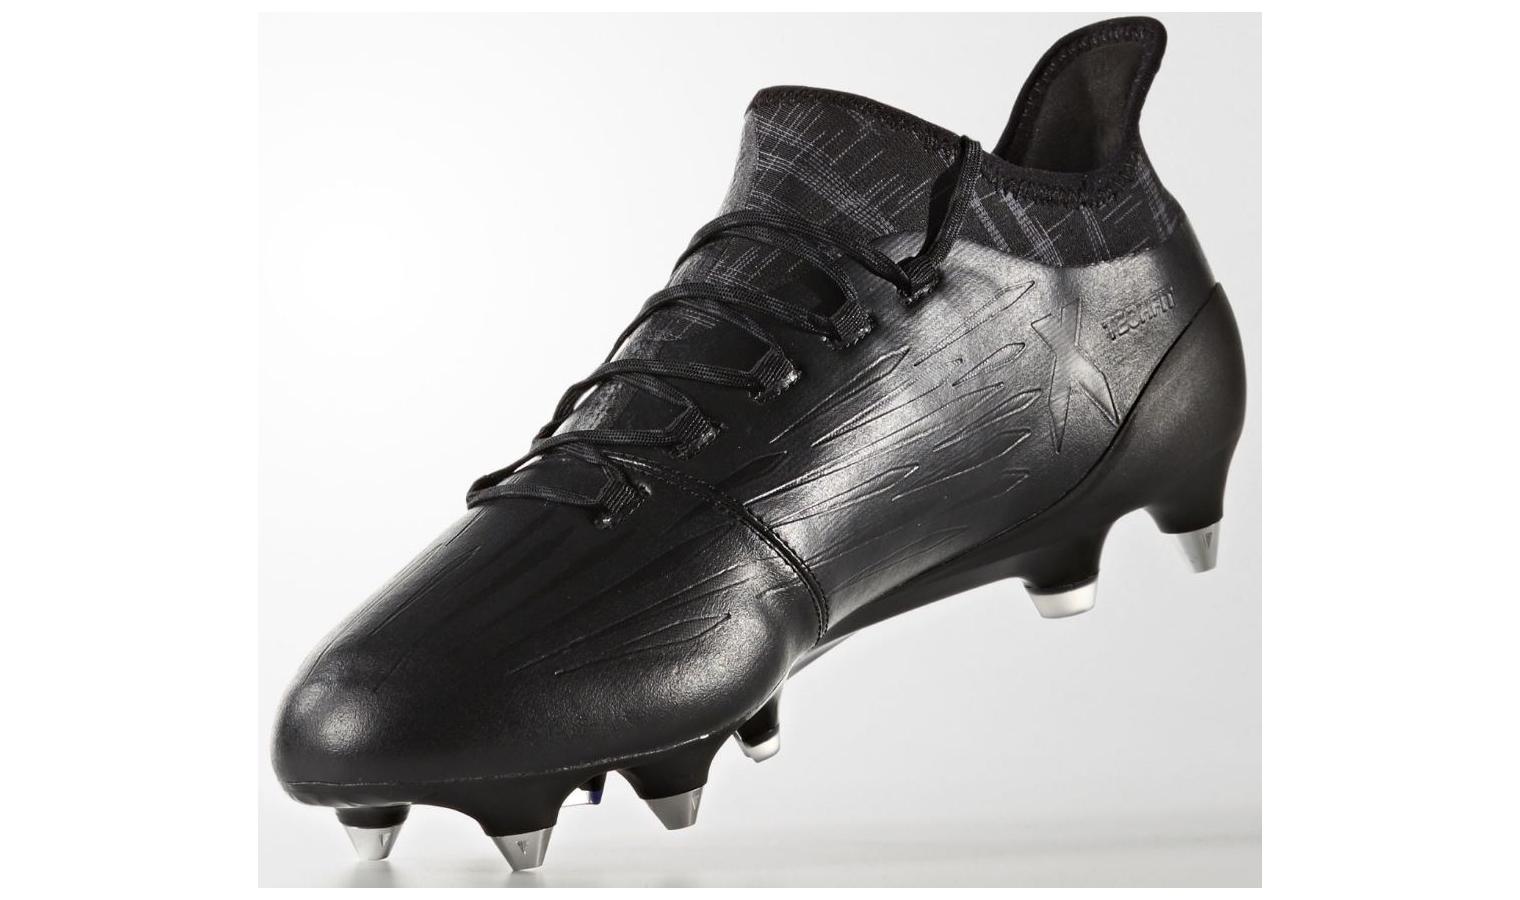 4dee4c93a13aa Pánské kolíkové kopačky adidas X 16.1 SG | AD Sport.cz